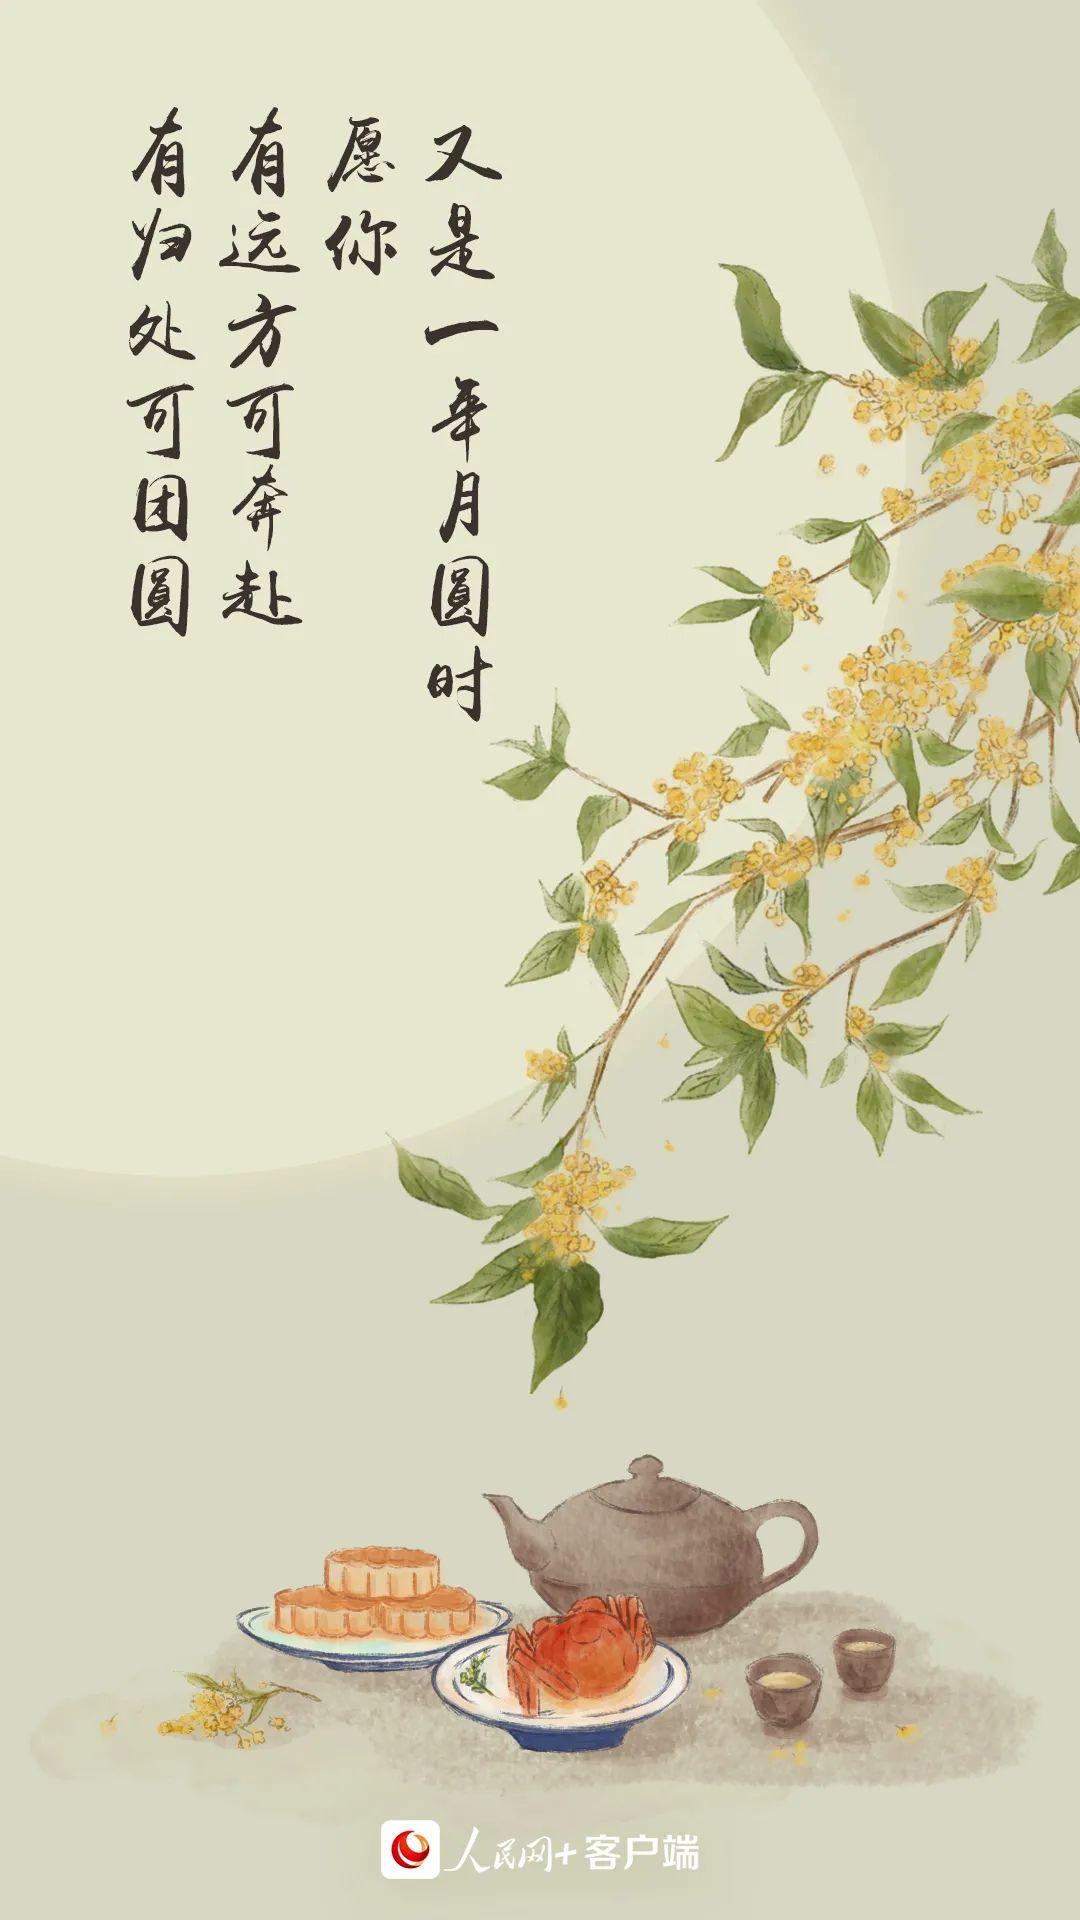 中秋节丨岁岁中秋,今又中秋